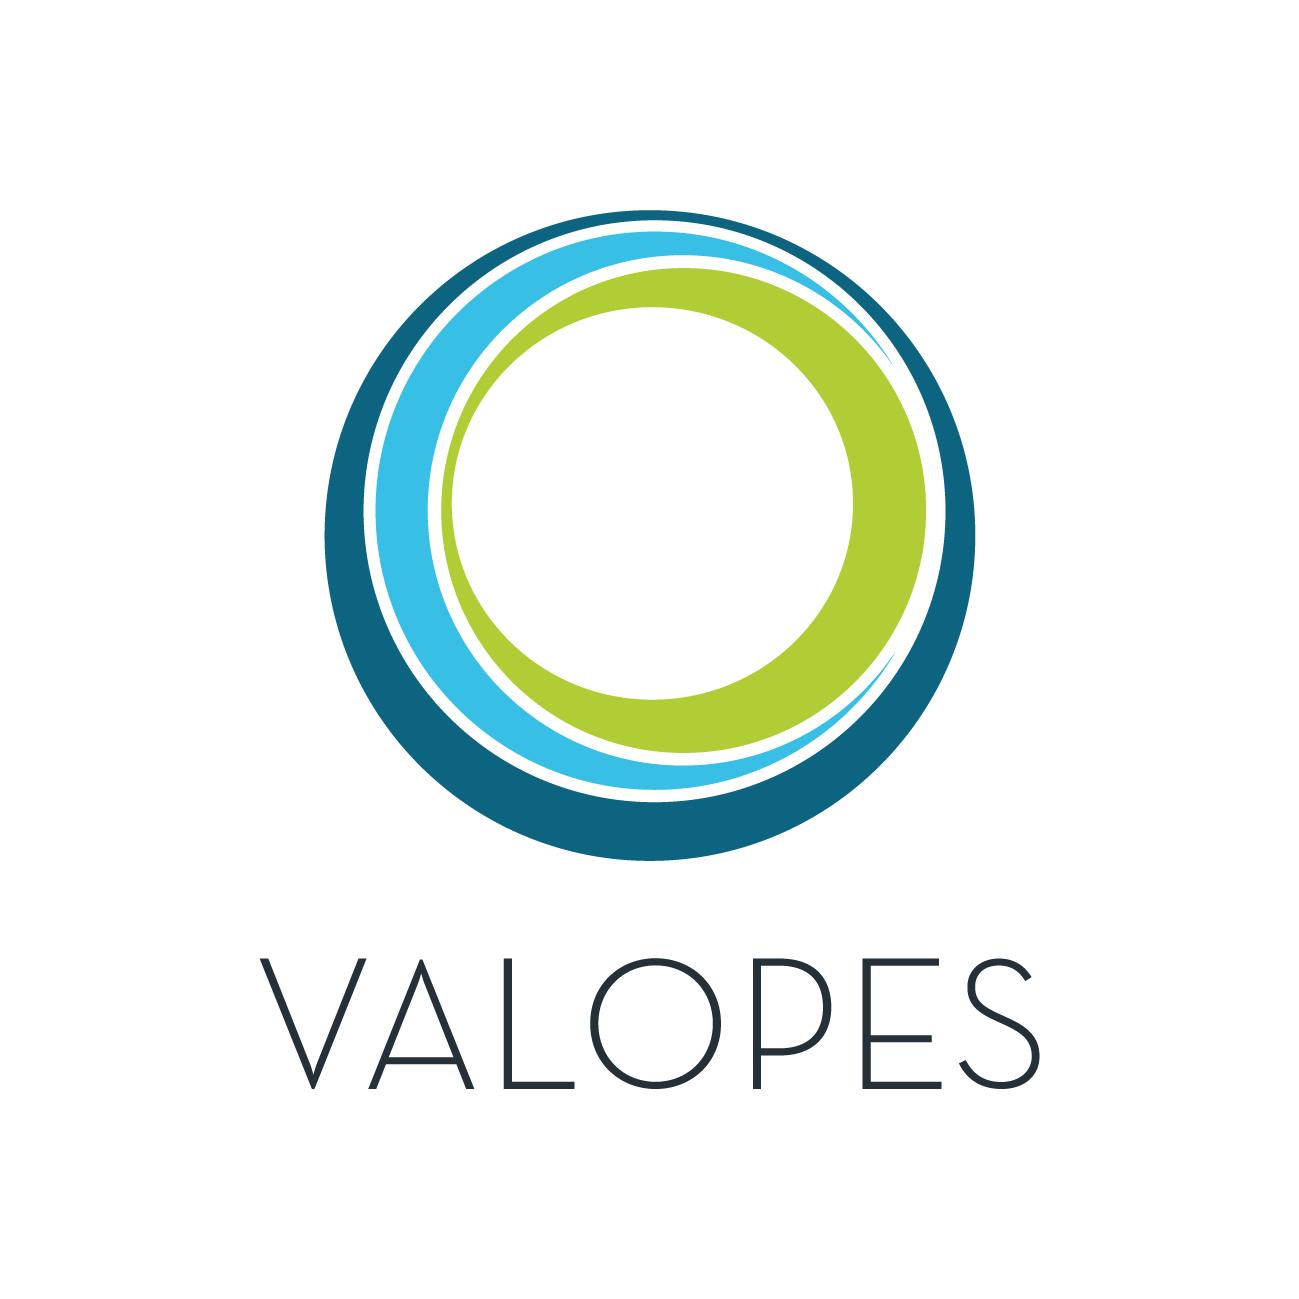 VALOPES logo